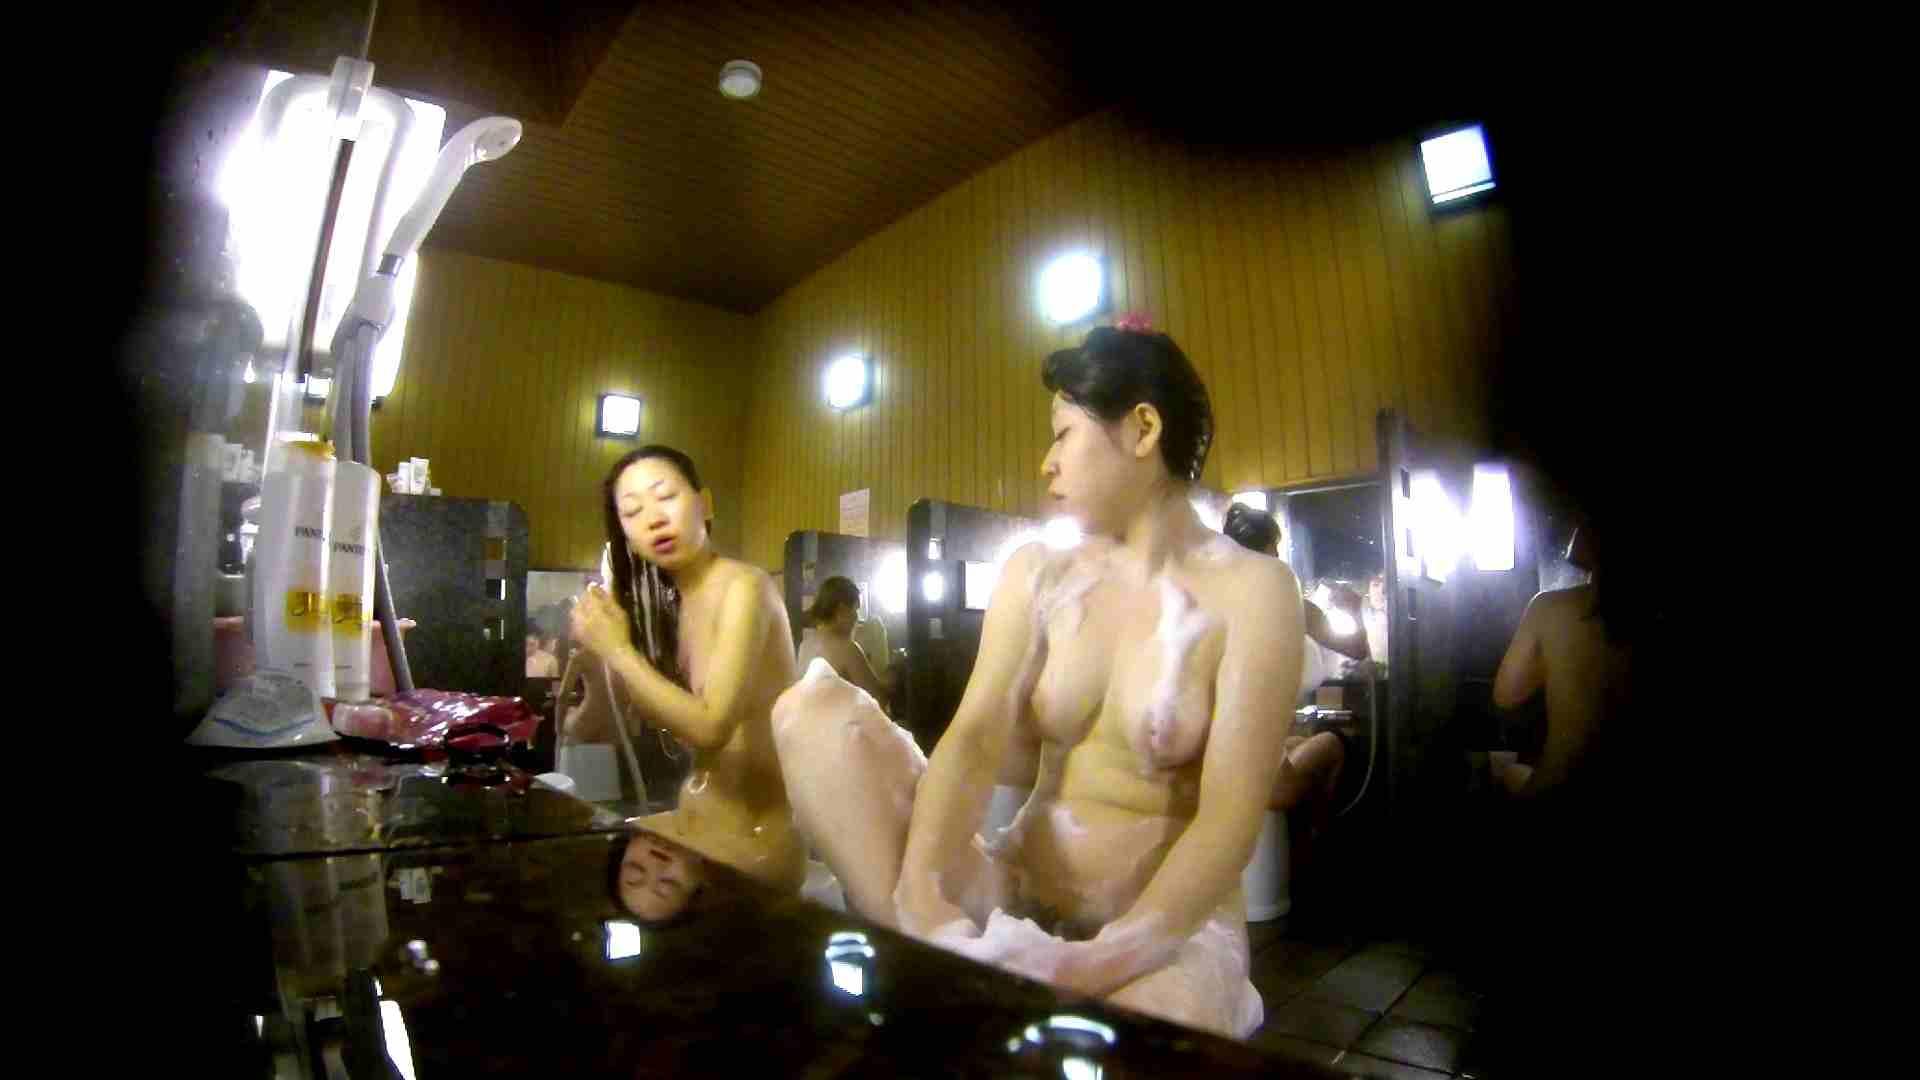 洗い場!柔らかそうな身体は良いけど、歯磨きが下品です。 銭湯特撮  39連発 32